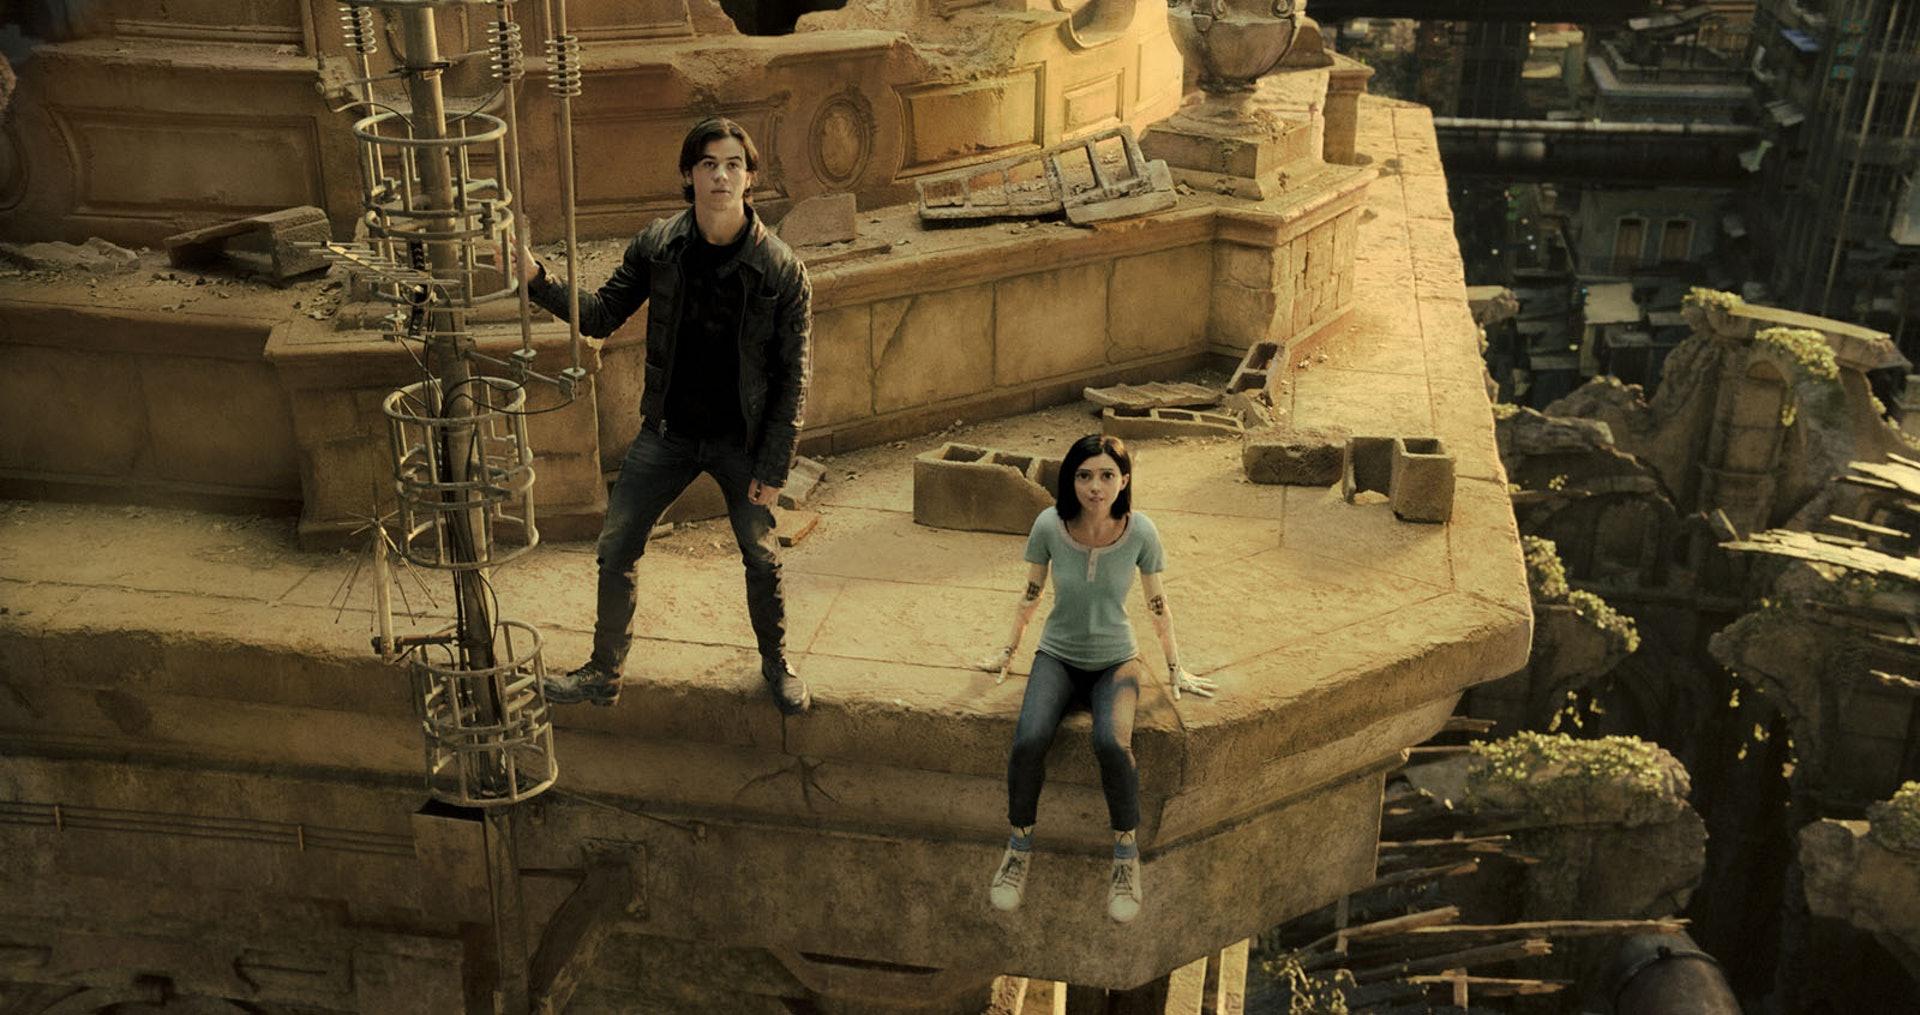 據電影美術指導Caylah Eddleblute指出,鐵城的設計概念源自墨西哥及巴拿馬。(劇照)